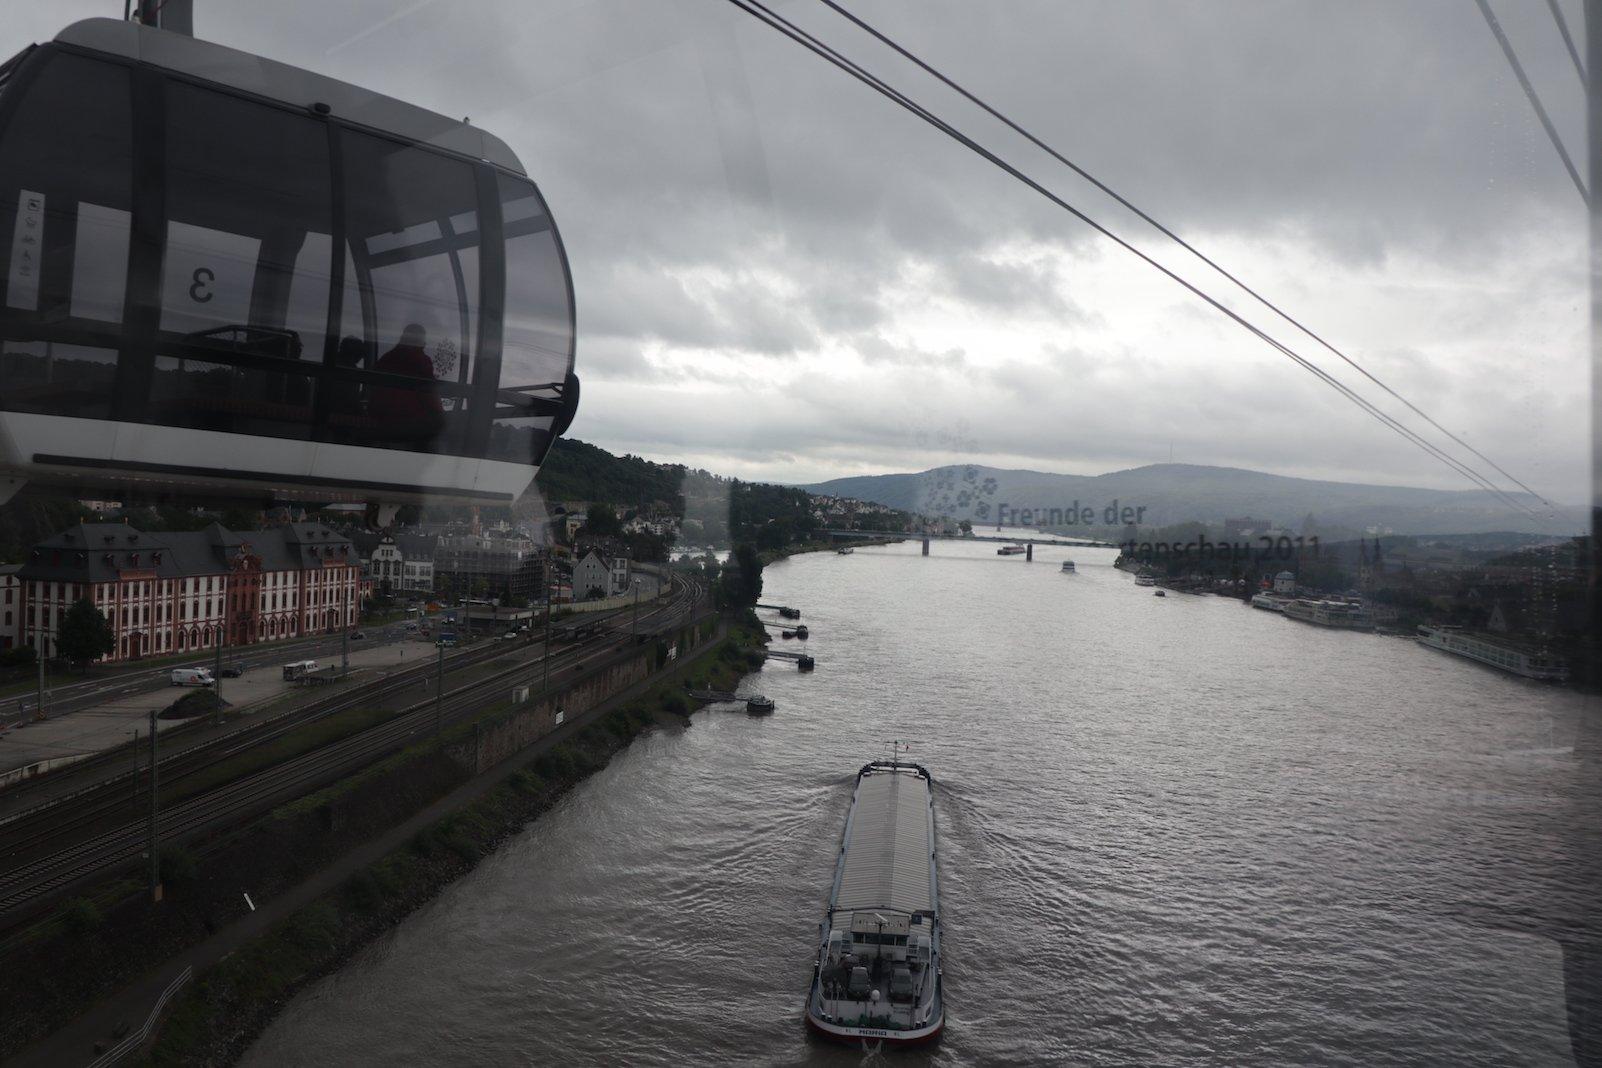 Mitten über dem Rhein. Jetzt bloß nicht anhalten ;)